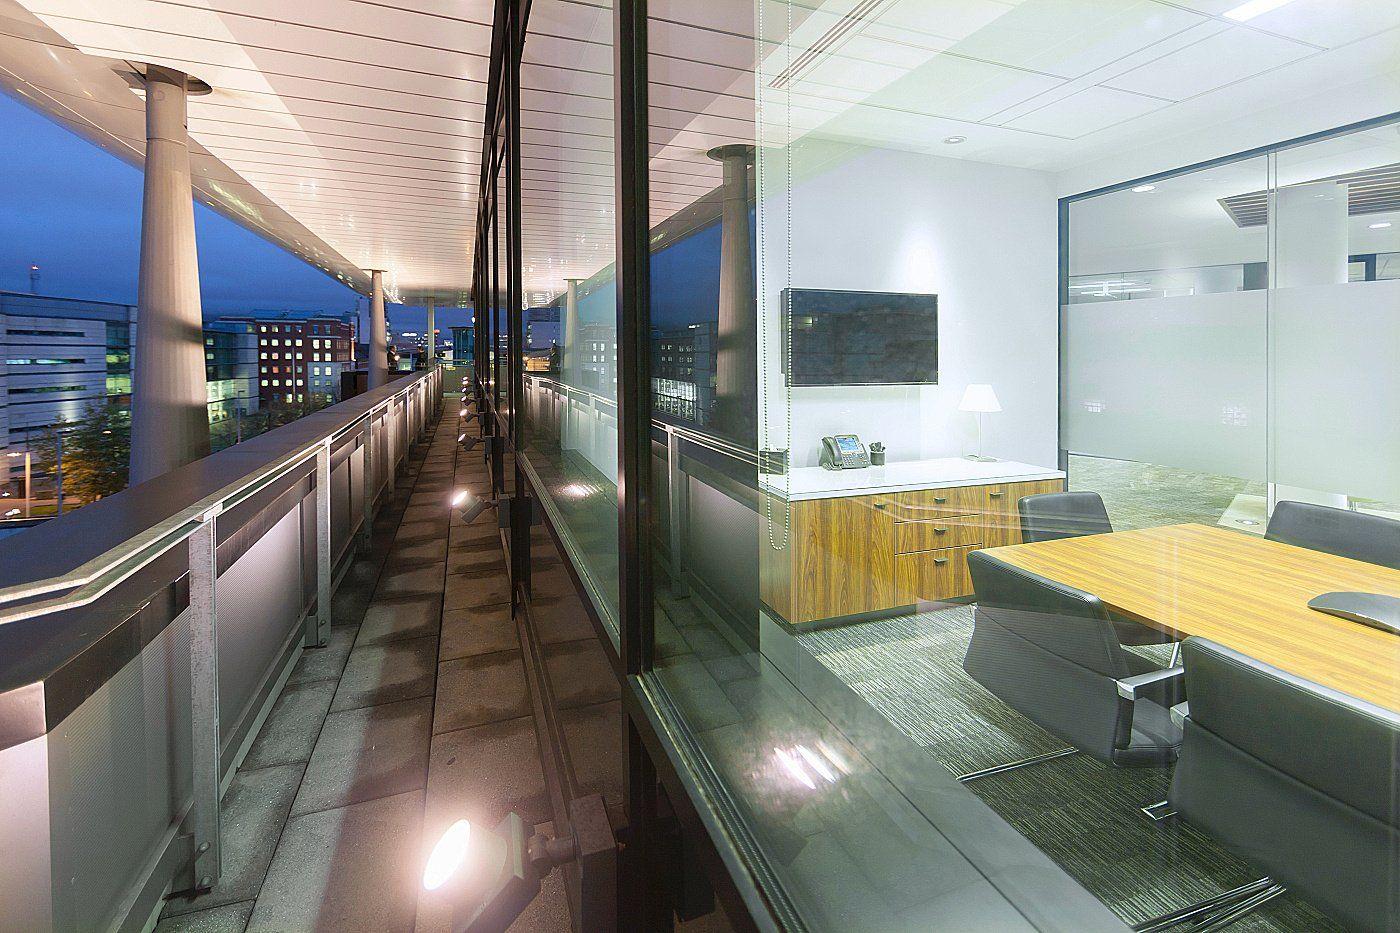 Licht Büro ratgeber licht für büros ratgeber haus garten